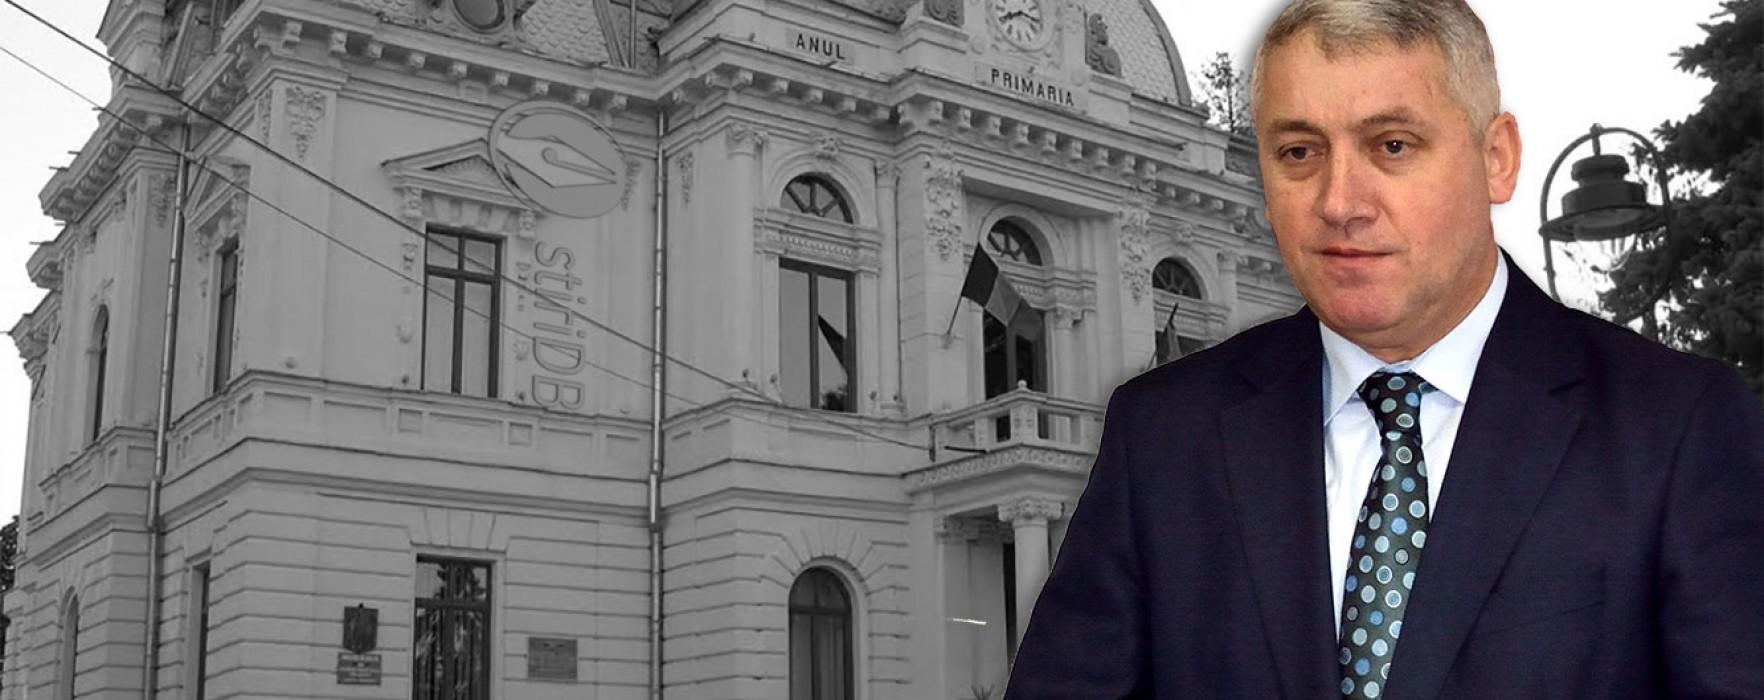 Adrian Ţuţuianu: Municipiul Târgovişte este necondus (audio)